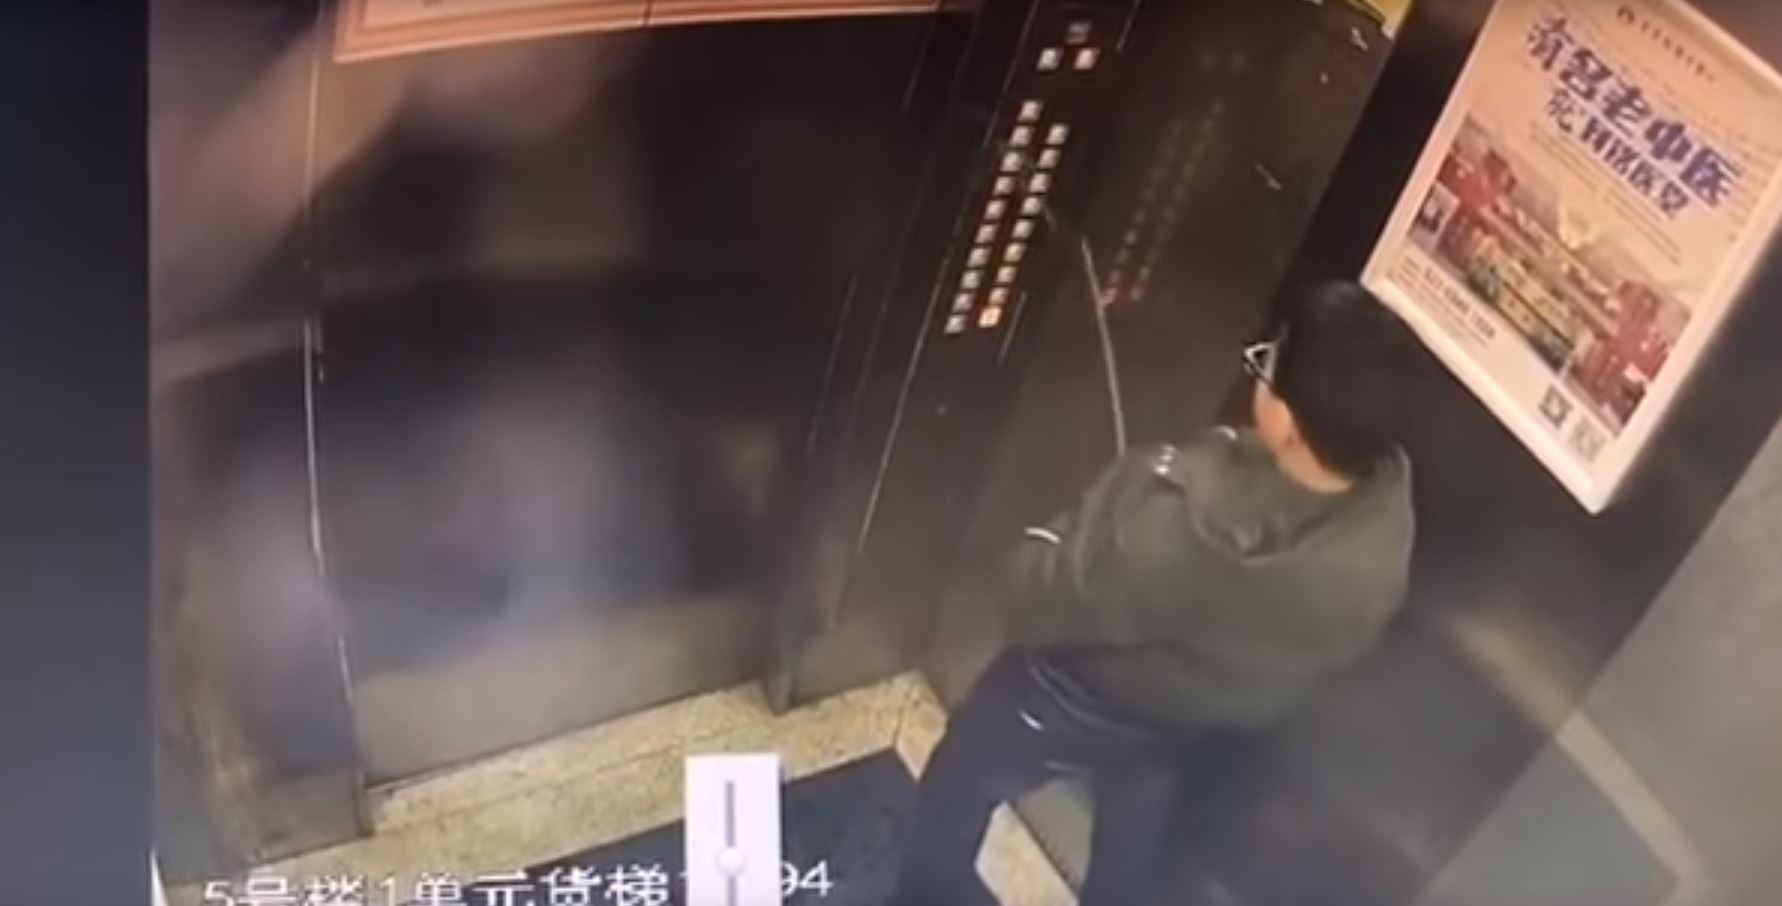 Un garçon urine sur les boutons de l'ascenseur... et reste coincé